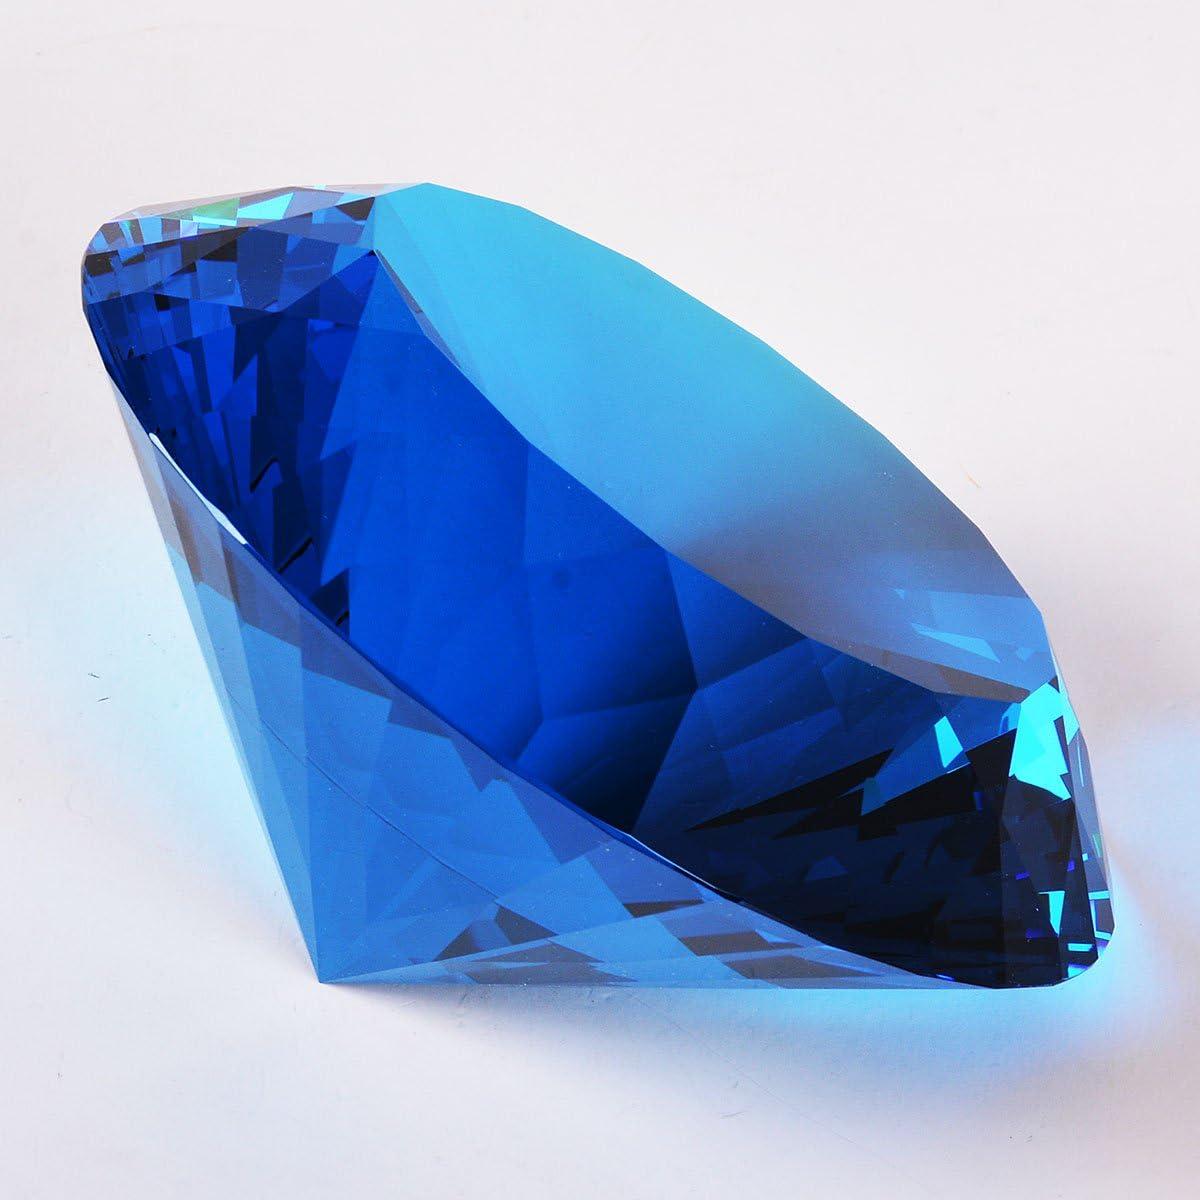 Couleur unie D/écoration pour la maison Longwin Presse-papier 120 mm en Cristal Design Diamant Plusieurs Facettes